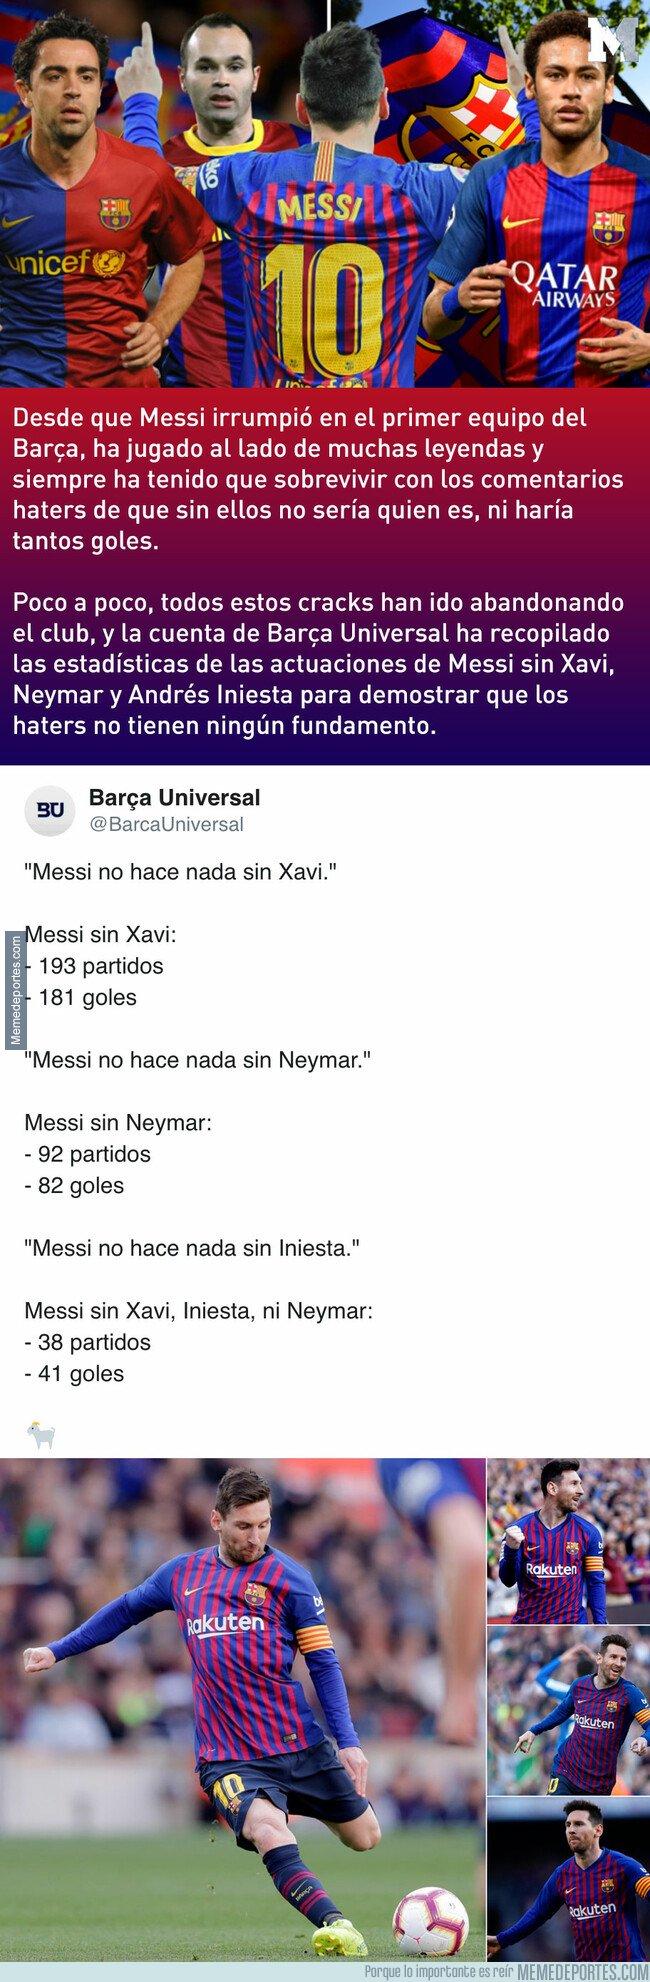 1069976 - Las estadísticas de Messi sin Xavi, Iniesta y Neymar no son lo que la gente esperaba